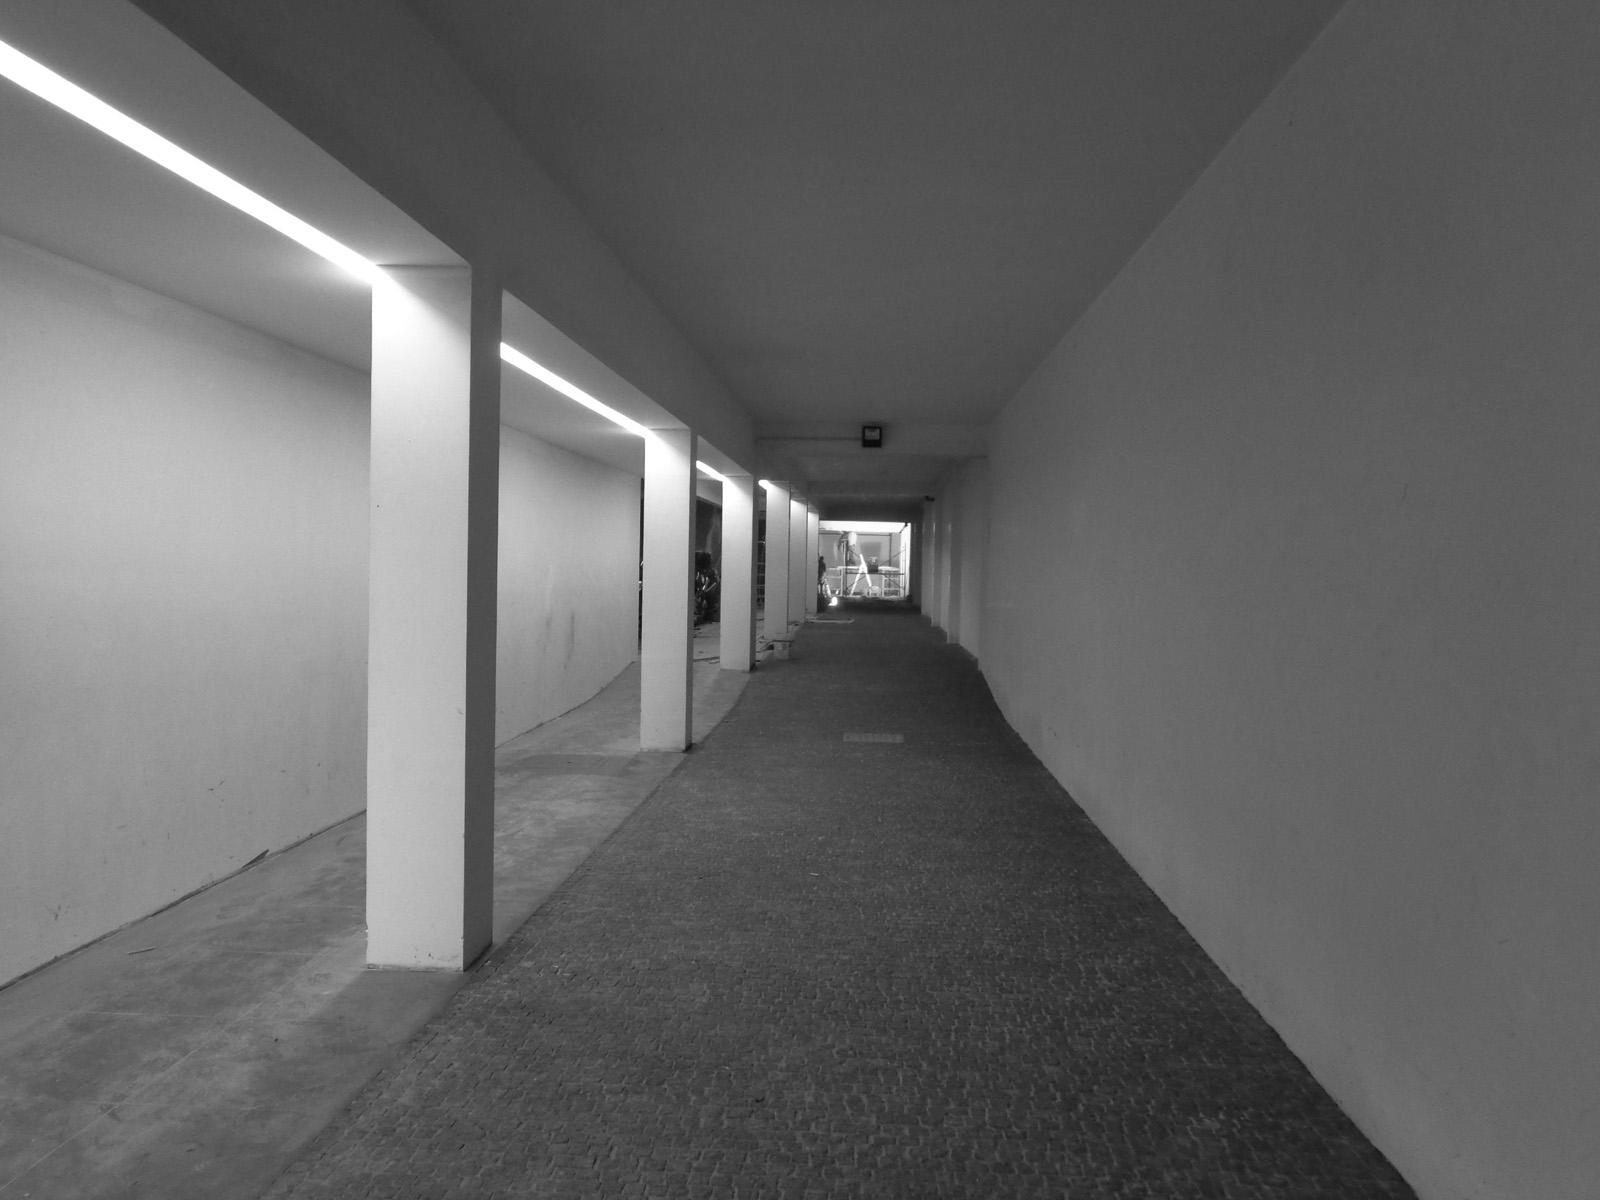 Grupo Antero Motos - Em Construção - Vila Nova de Gaia - EVA evolutionary architecture - Arquitectos Porto (47).jpg